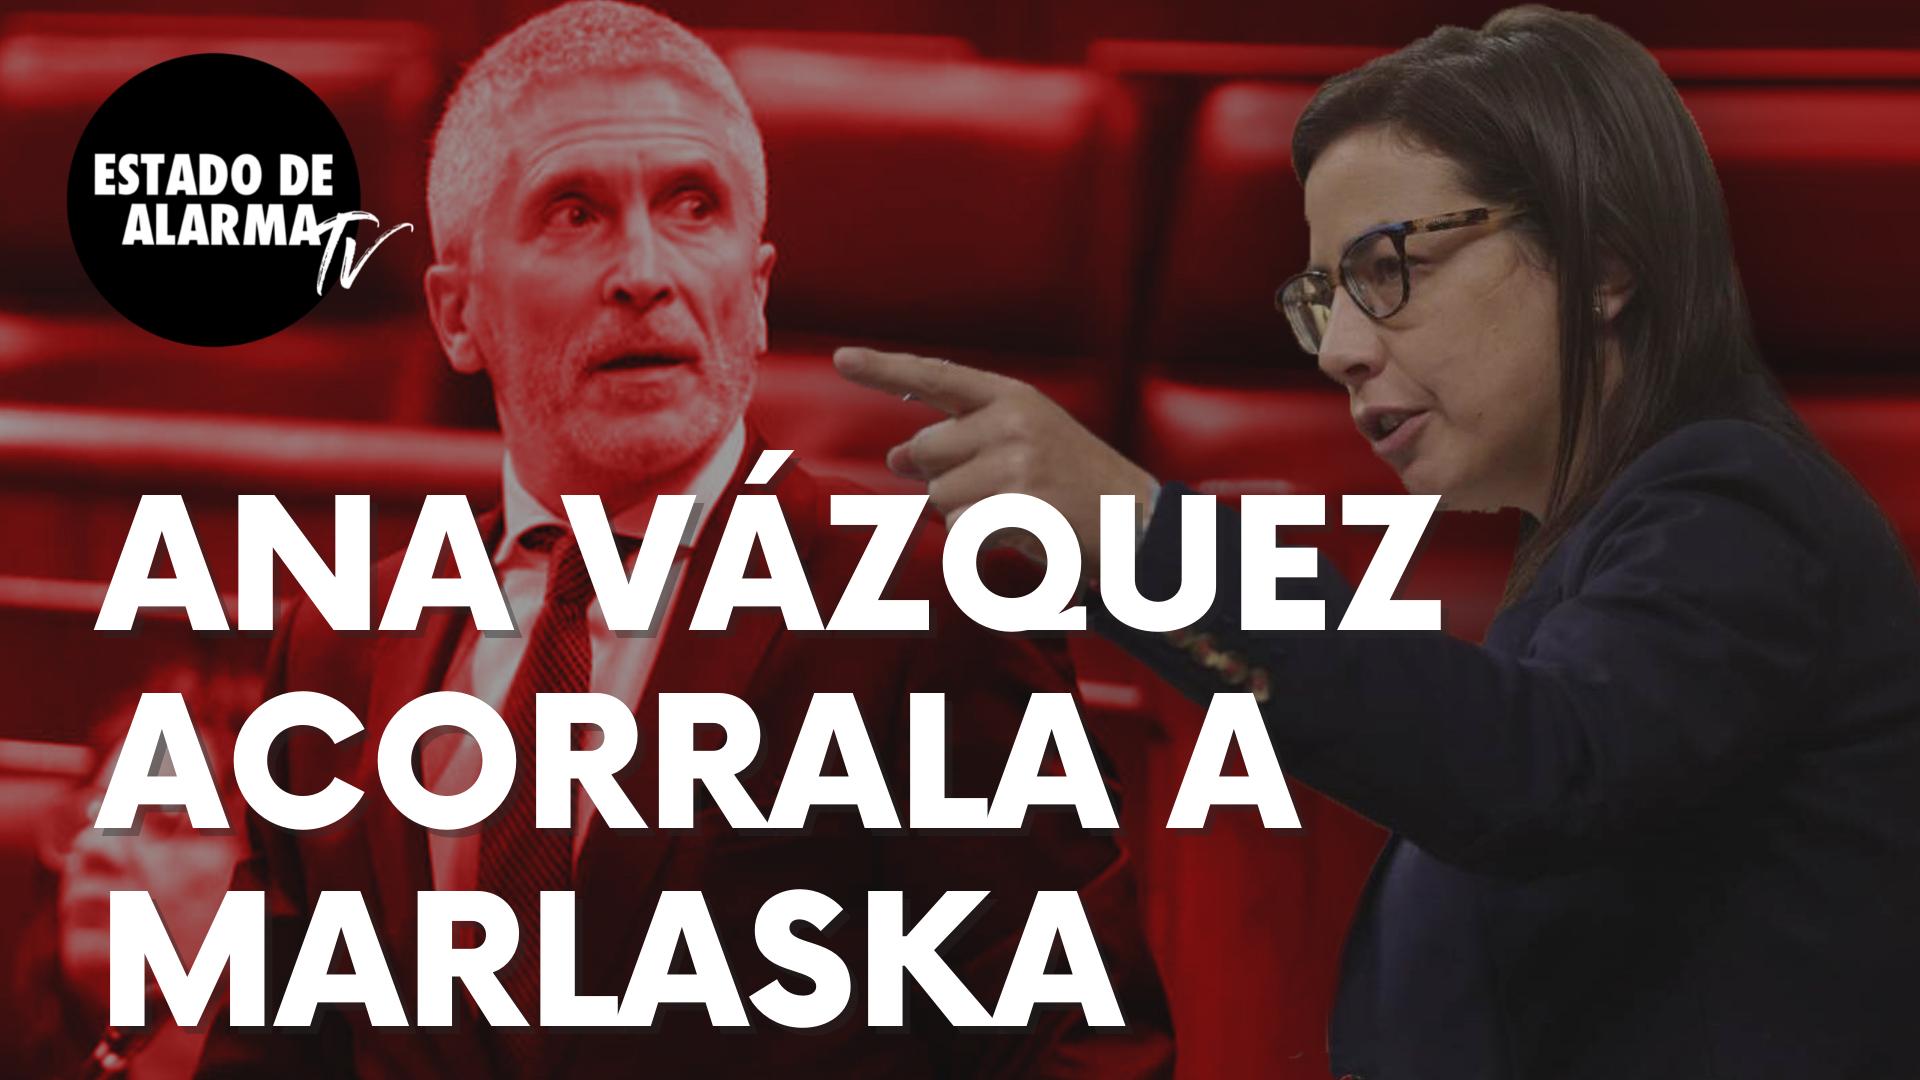 """La diputada del PP Ana Vázquez acorrala al ministro Marlaska: """"Injurias y estupideces"""""""